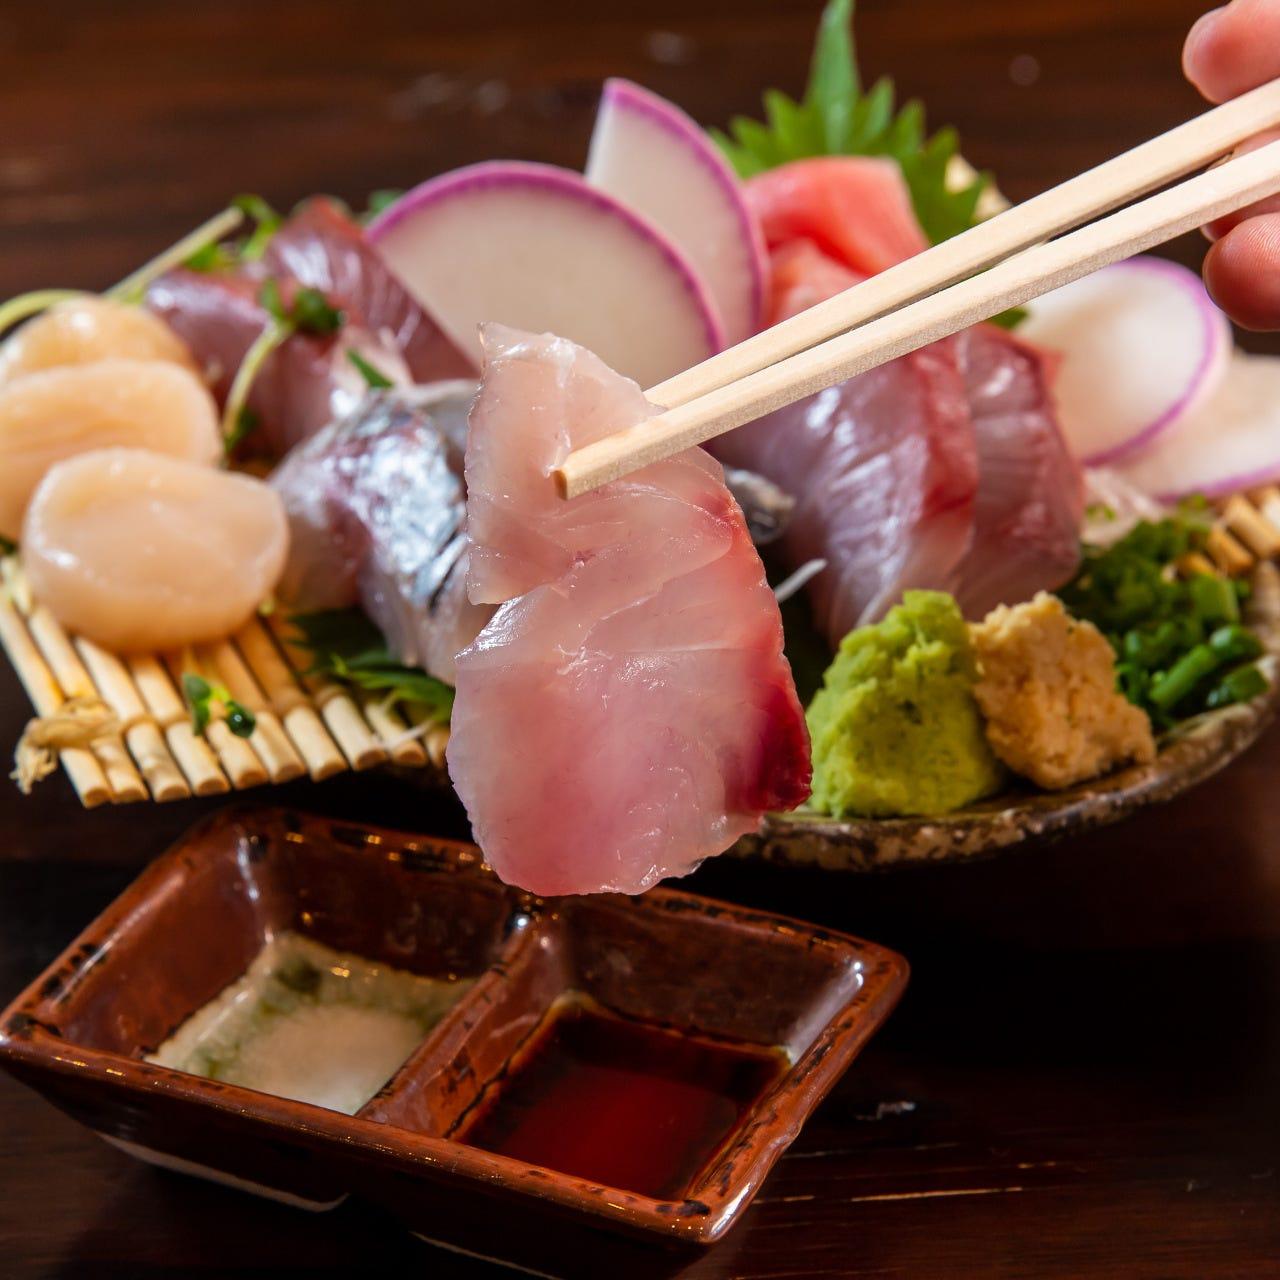 横浜中央卸市場から仕入れる新鮮鮮魚